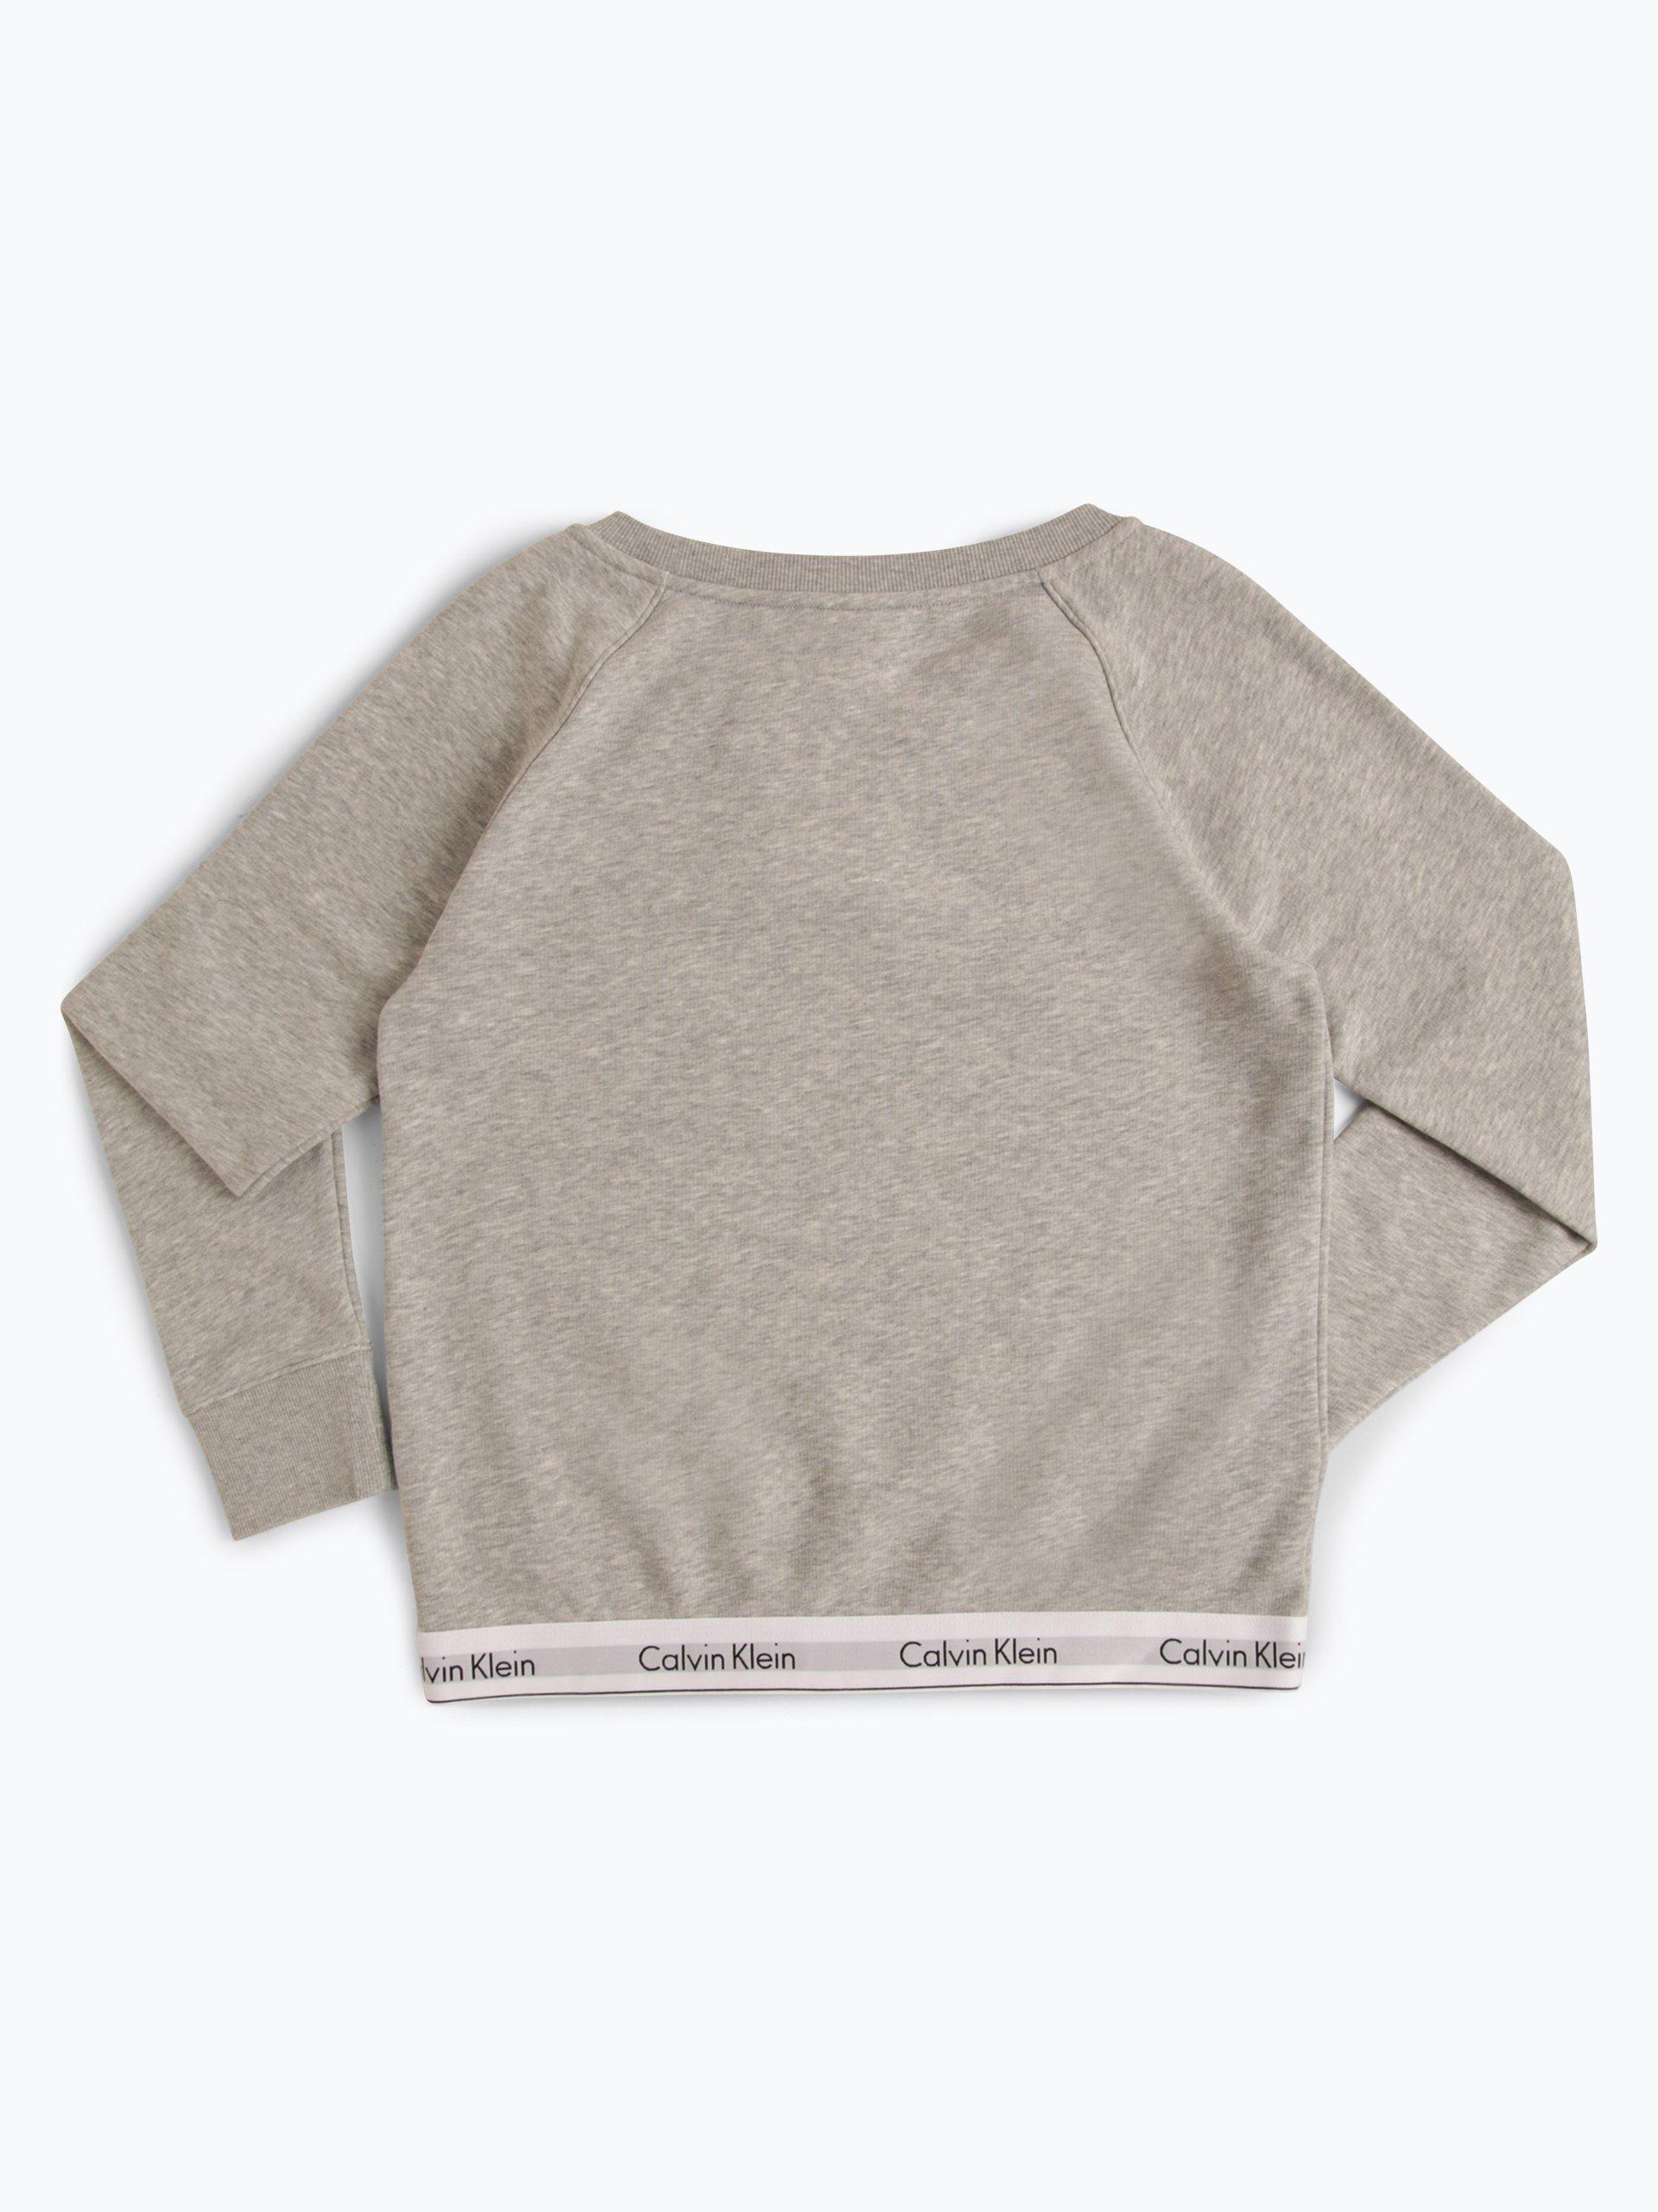 calvin klein damen sweatshirt 2 online kaufen peek und cloppenburg de. Black Bedroom Furniture Sets. Home Design Ideas